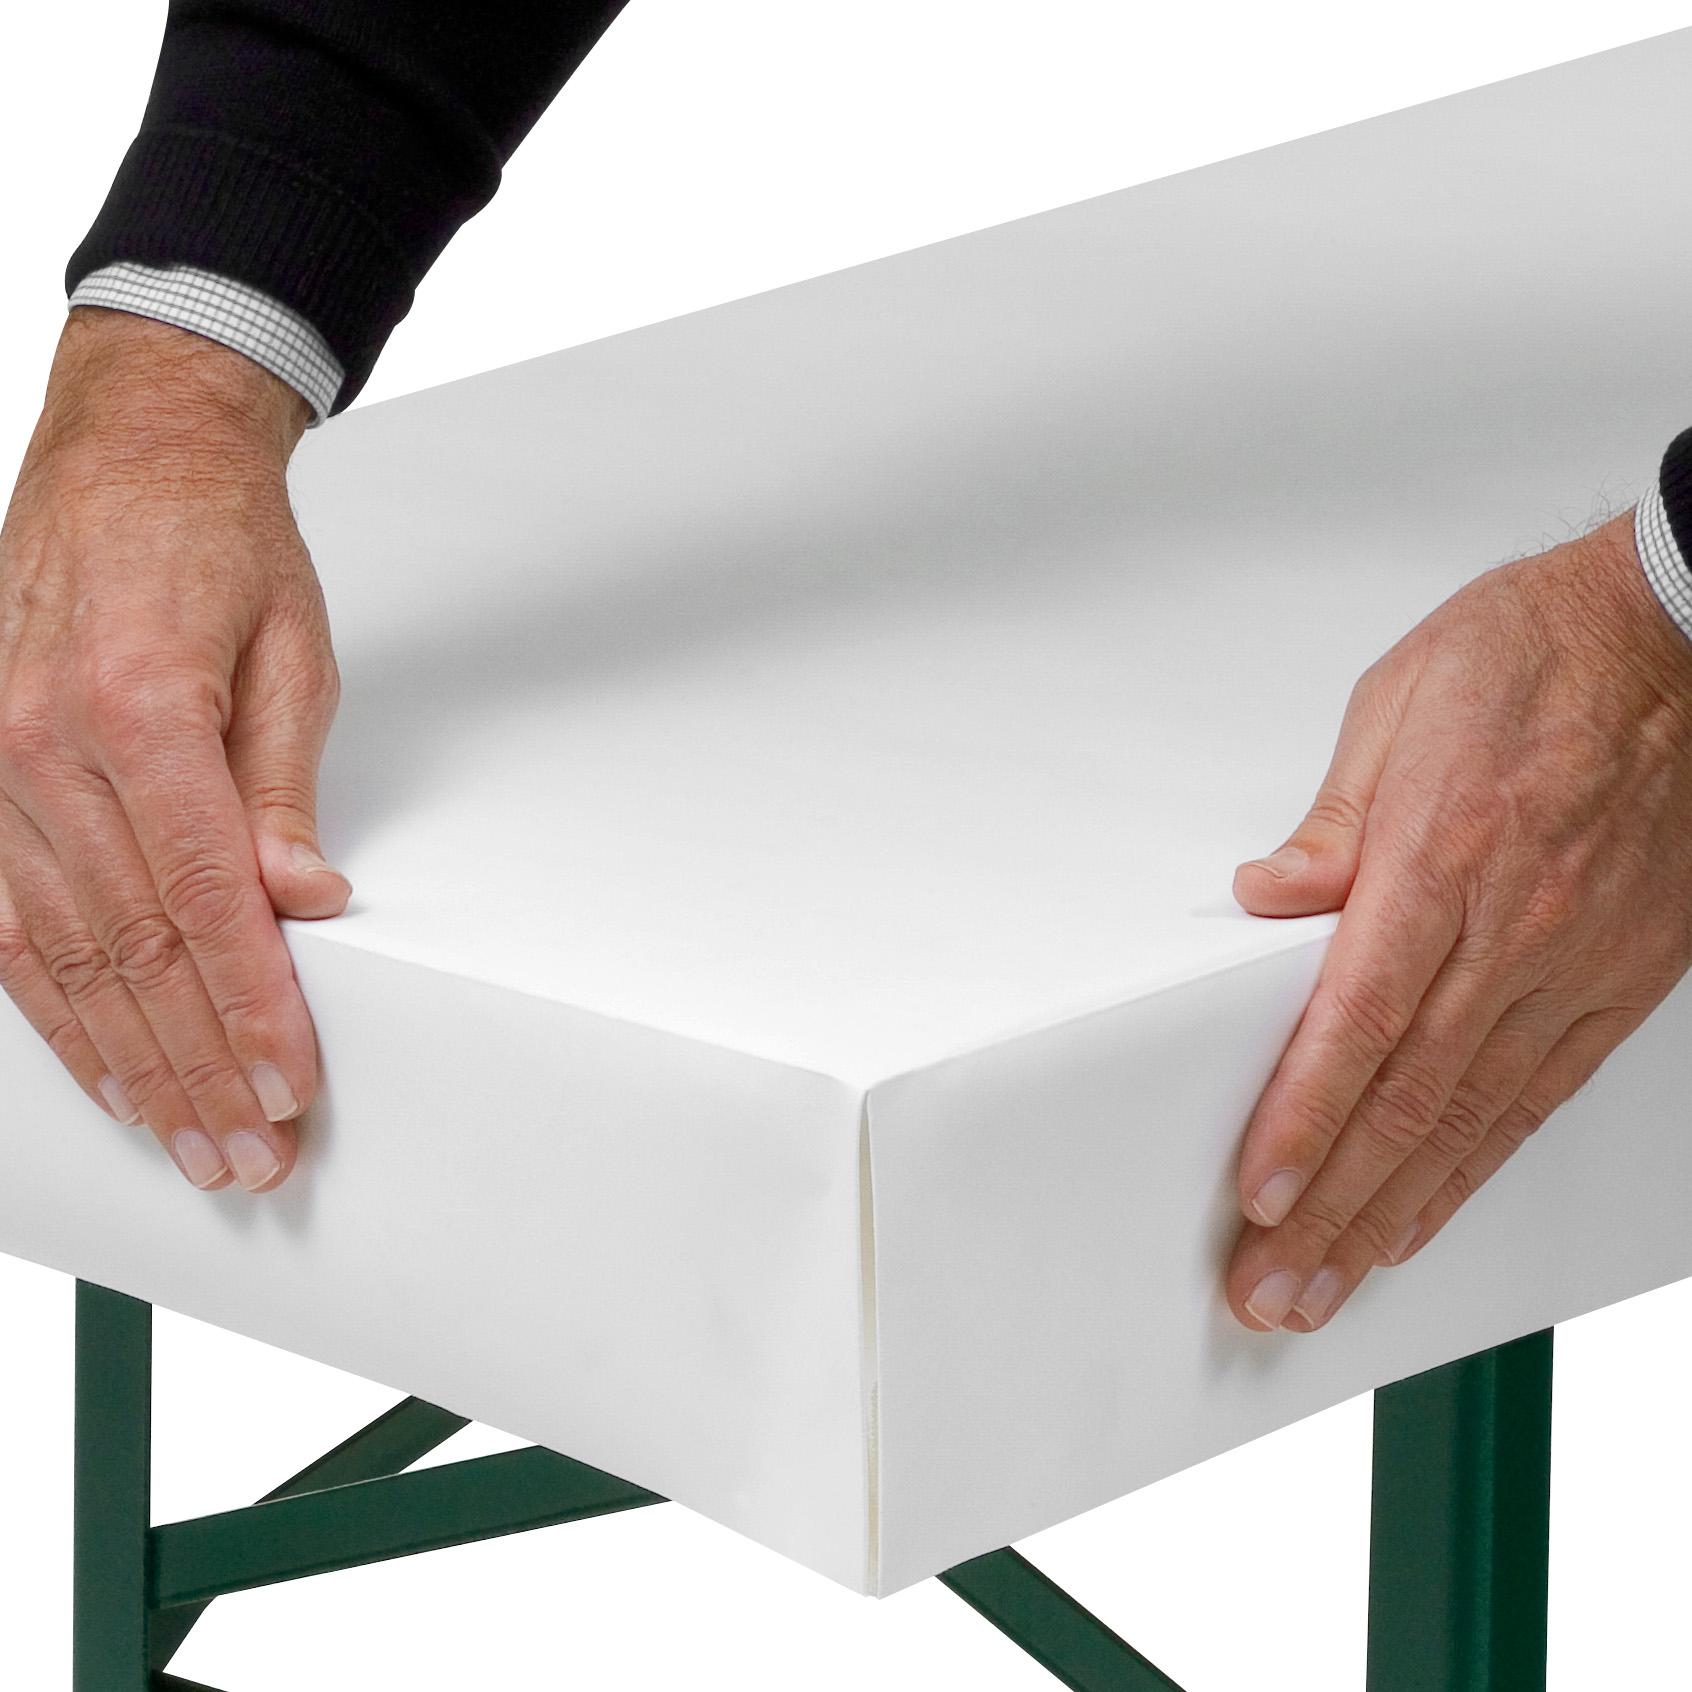 Papiertischdecke patide, patentierte Technik, wasserfest und bedruckbar, beschreibbar